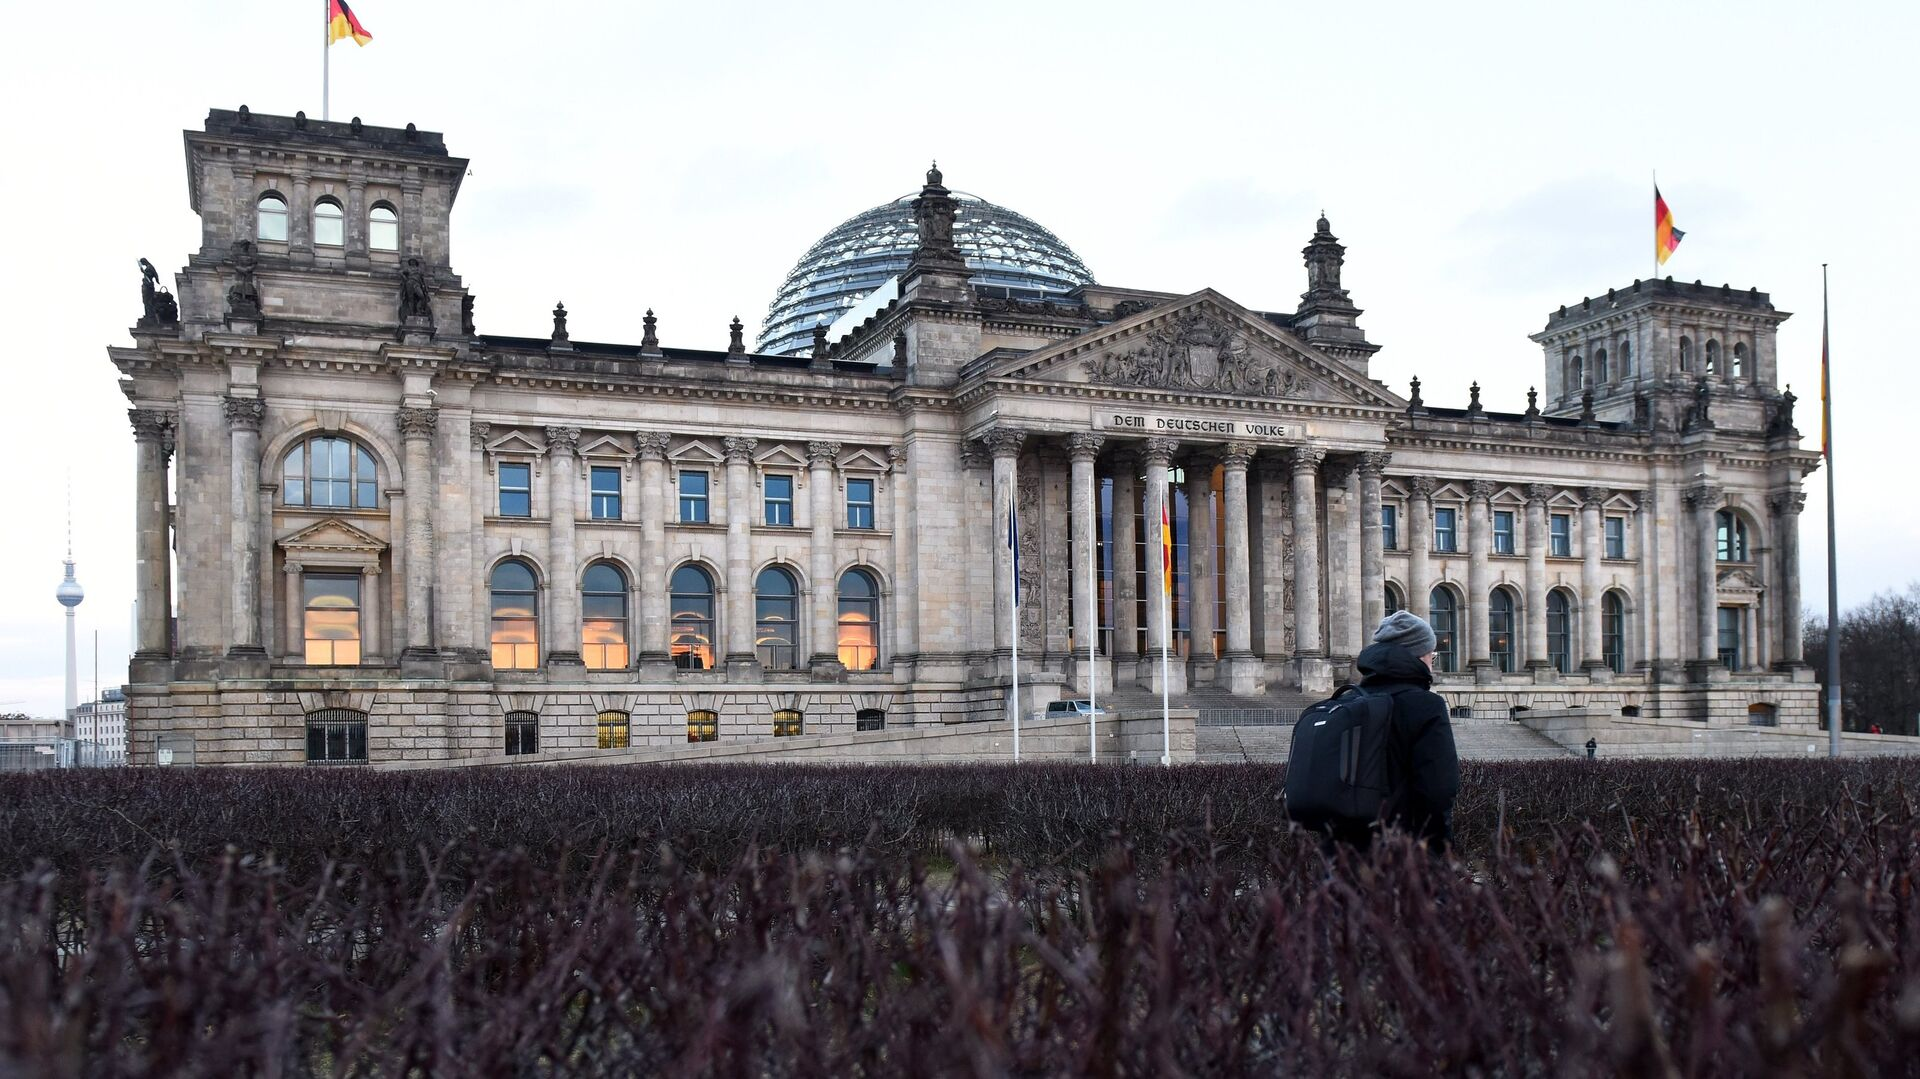 Историческое здание Рейхстага в центре Берлина на Парижской площади - РИА Новости, 1920, 21.01.2021